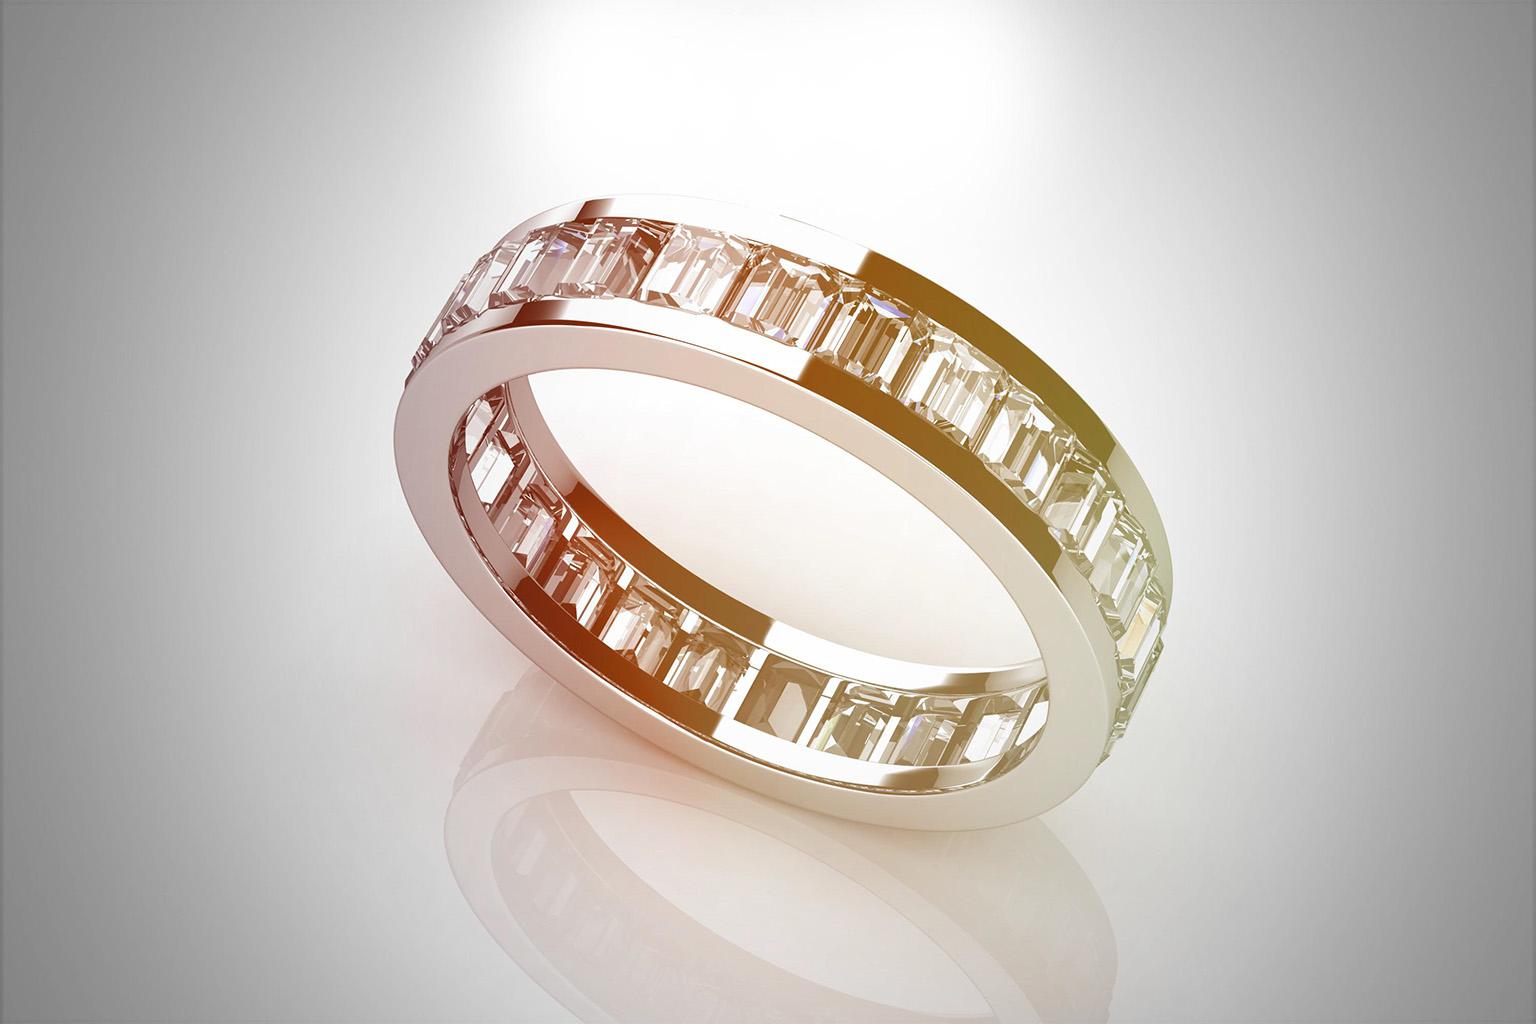 Uno de los anillos de compromiso más espectaculares y brillantes, anillo de plata con cristales preciosos delimitando todo su contorno interior